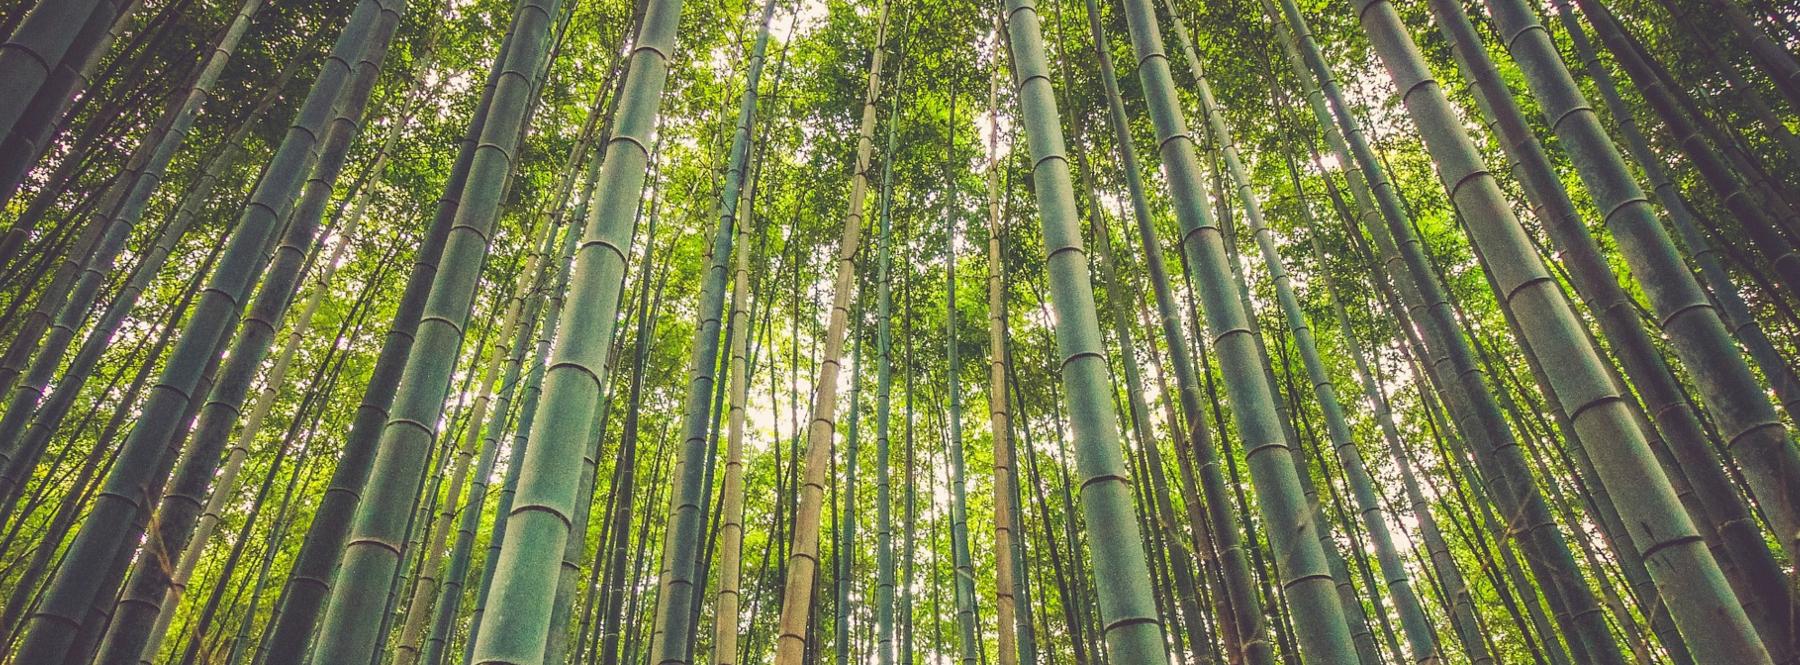 Las casas de bambú buscan su lugar en Europa